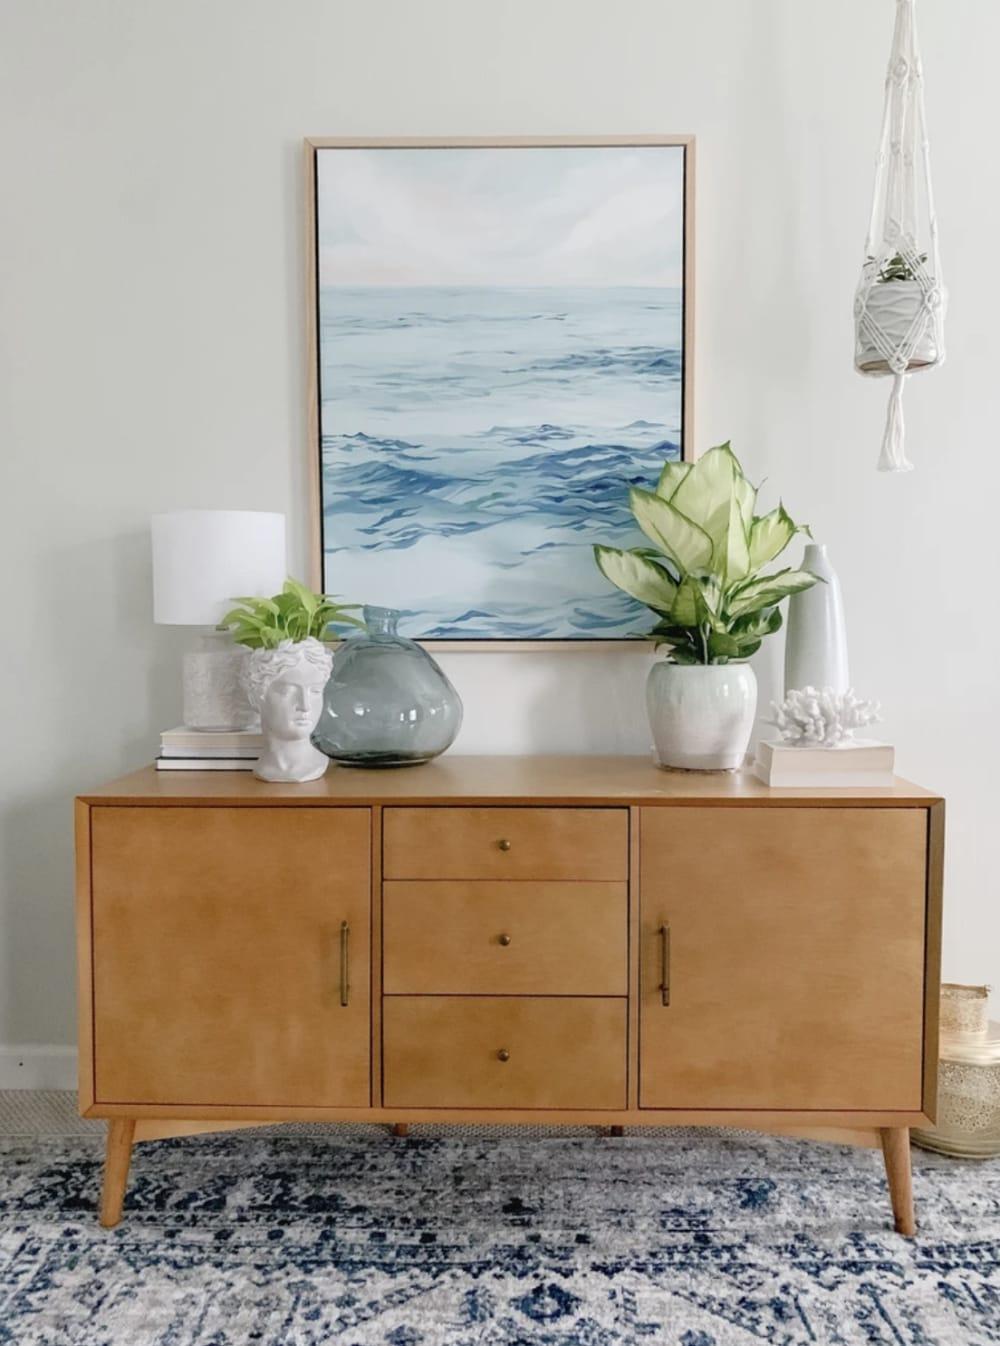 Pastel ocean painting